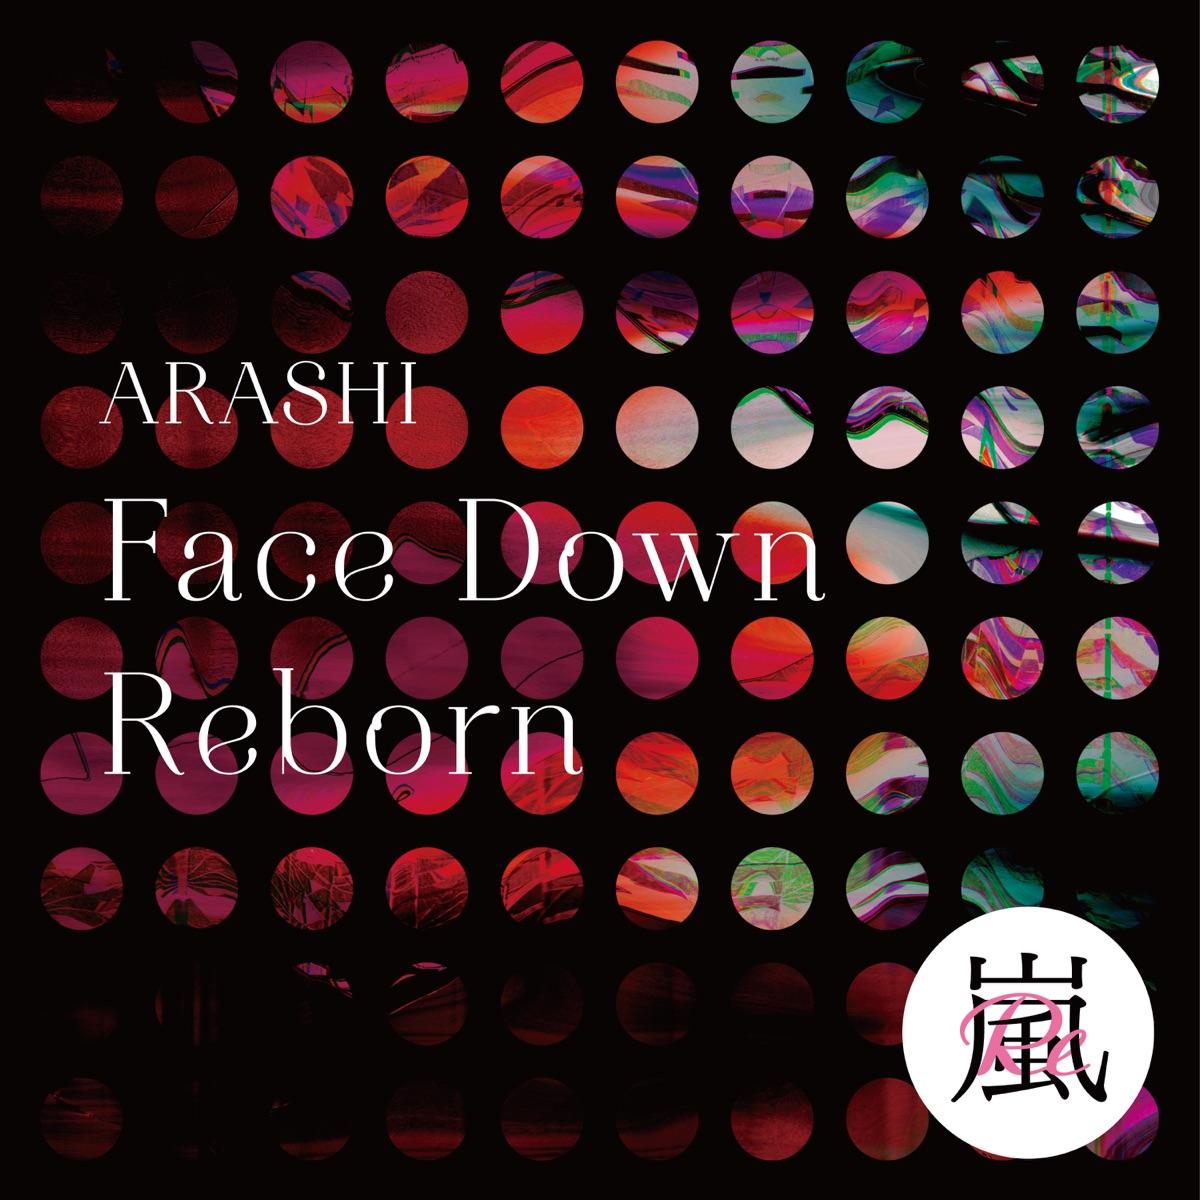 『嵐 Face Down : Reborn 歌詞』収録の『Face Down : Reborn』ジャケット